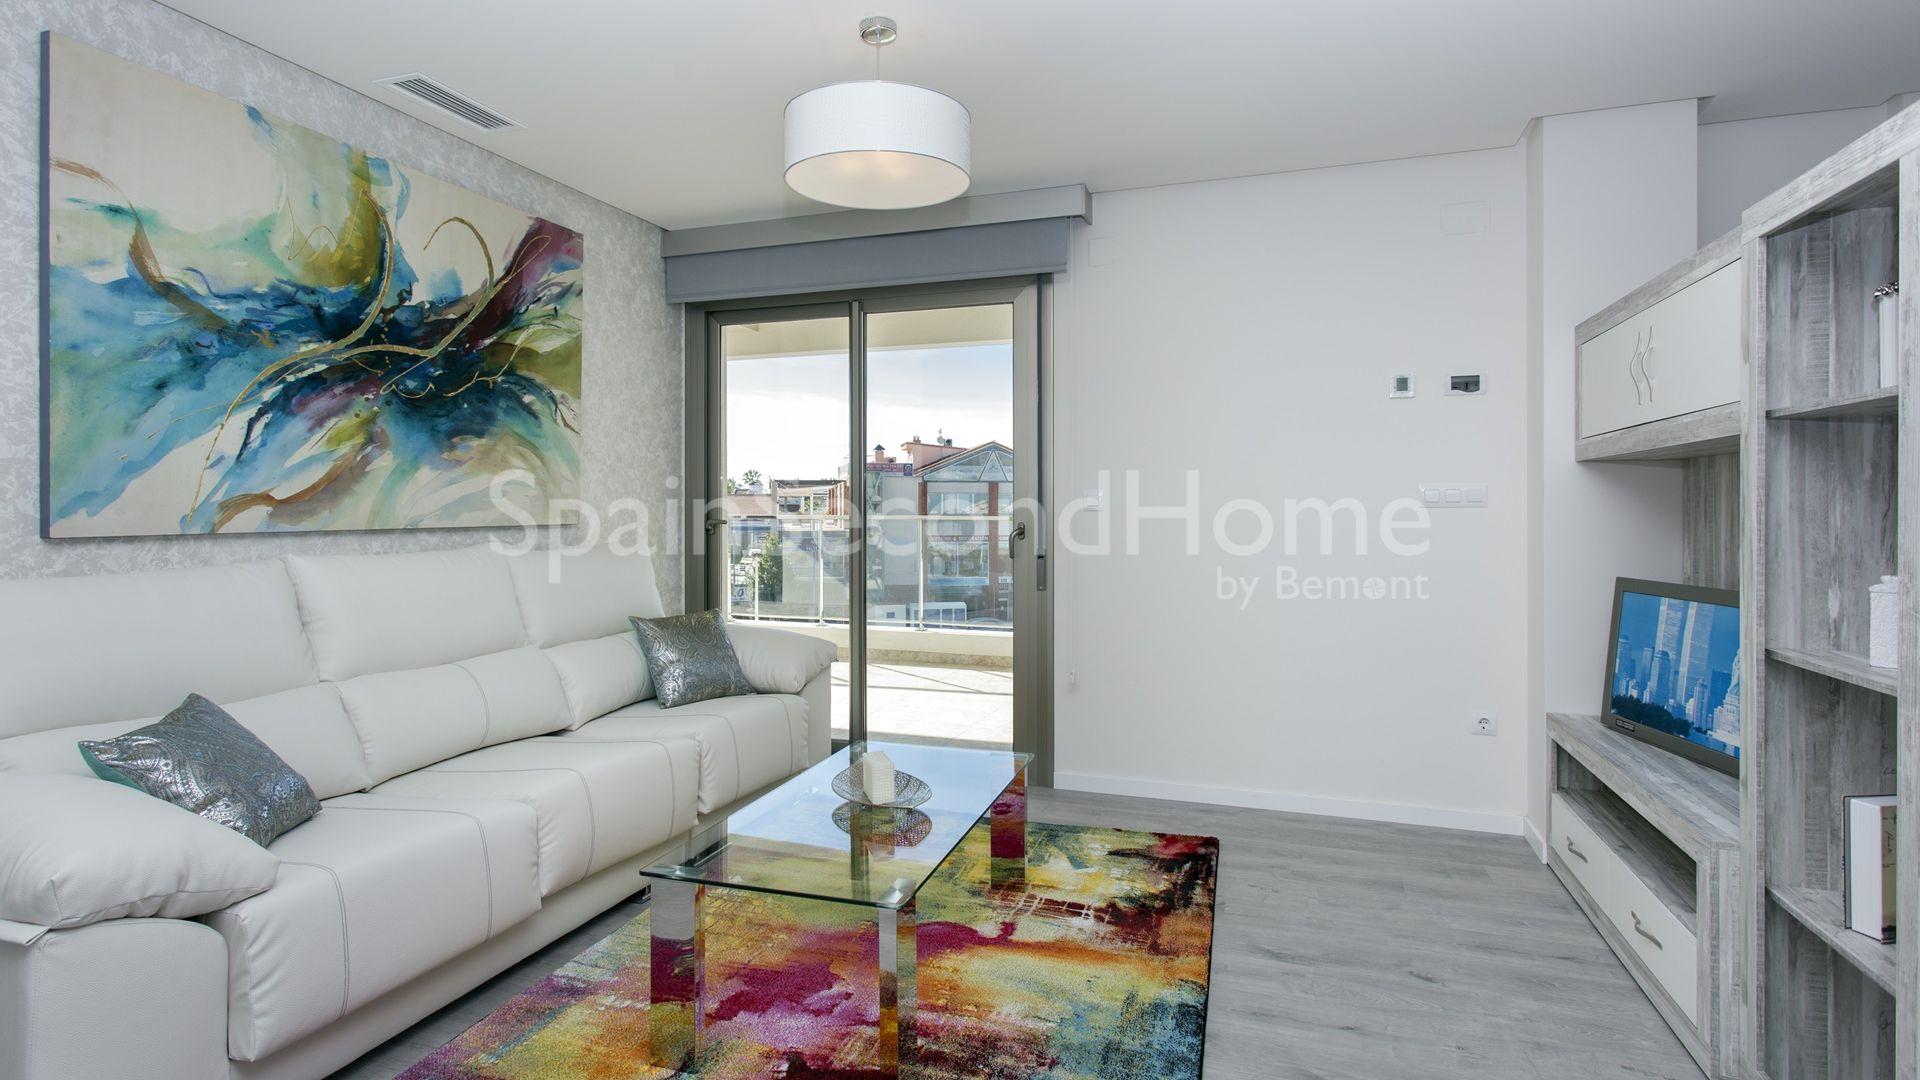 appartement fantastique moderne vendre costa blanca sud. Black Bedroom Furniture Sets. Home Design Ideas